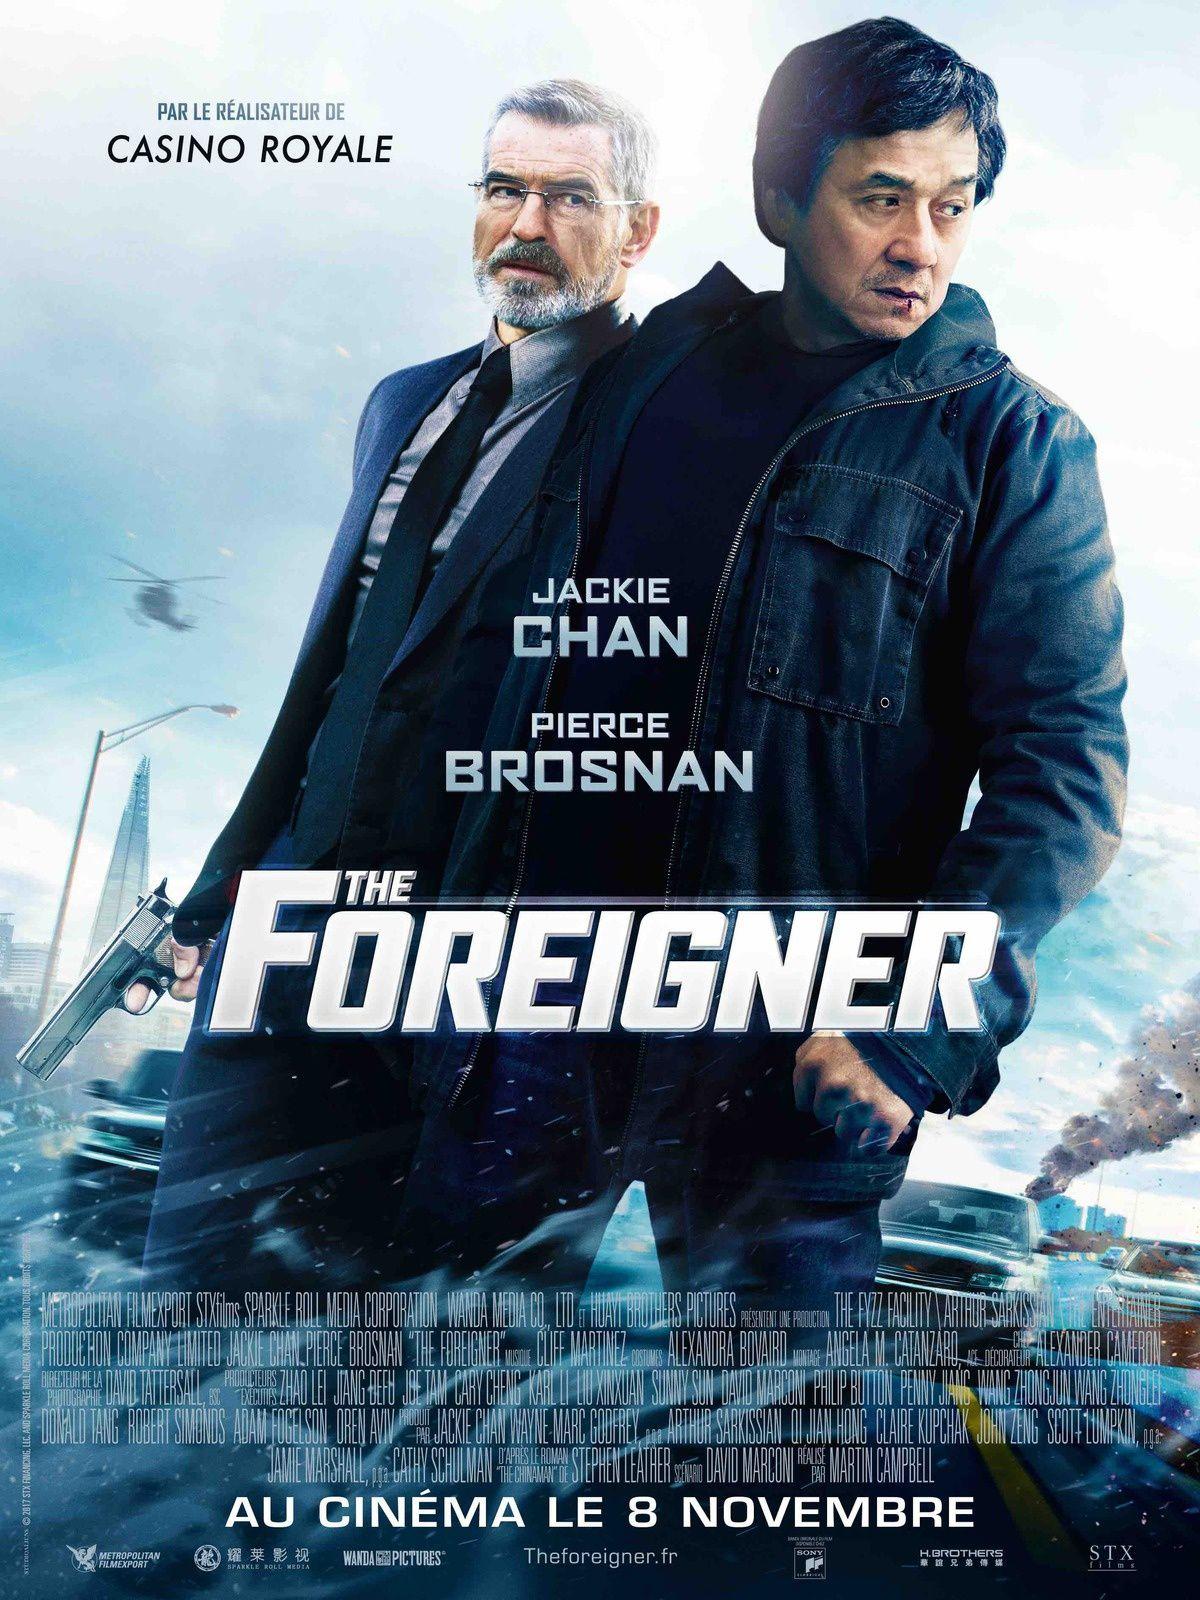 THE FOREIGNER : Jackie Chan face à Pierce Brosnan ! Le 8 novembre au cinéma. La bande-annonce